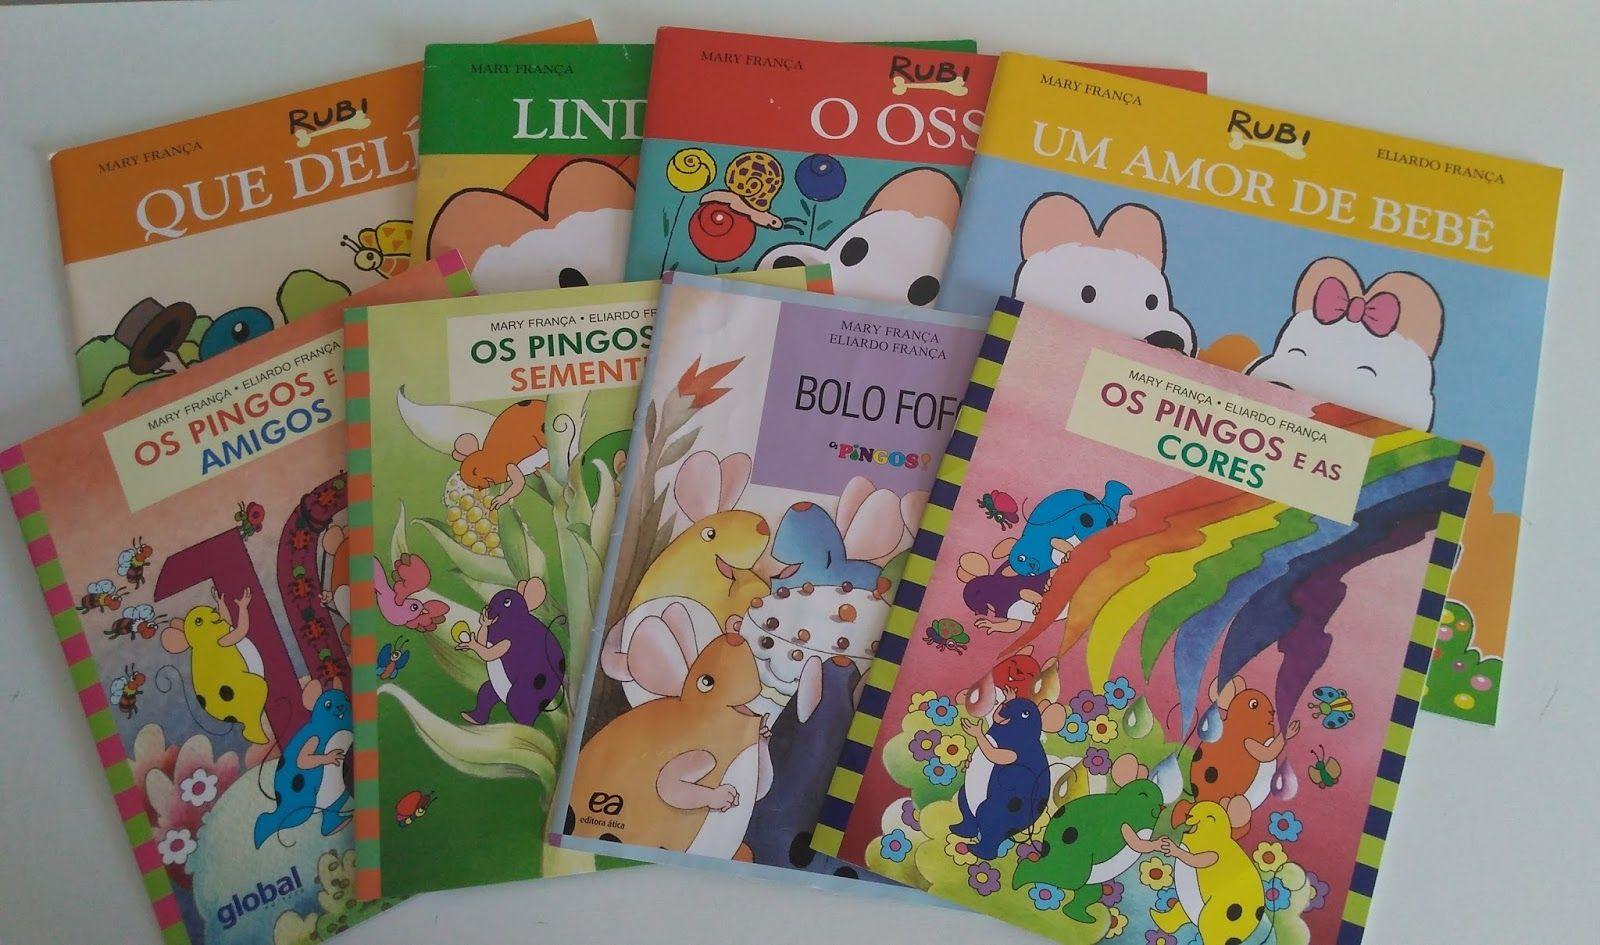 No ano passado investi em alguns livros sobre alfabetização fônica pois desejava conhecer melhor o processo e ter mais segurança para pô...